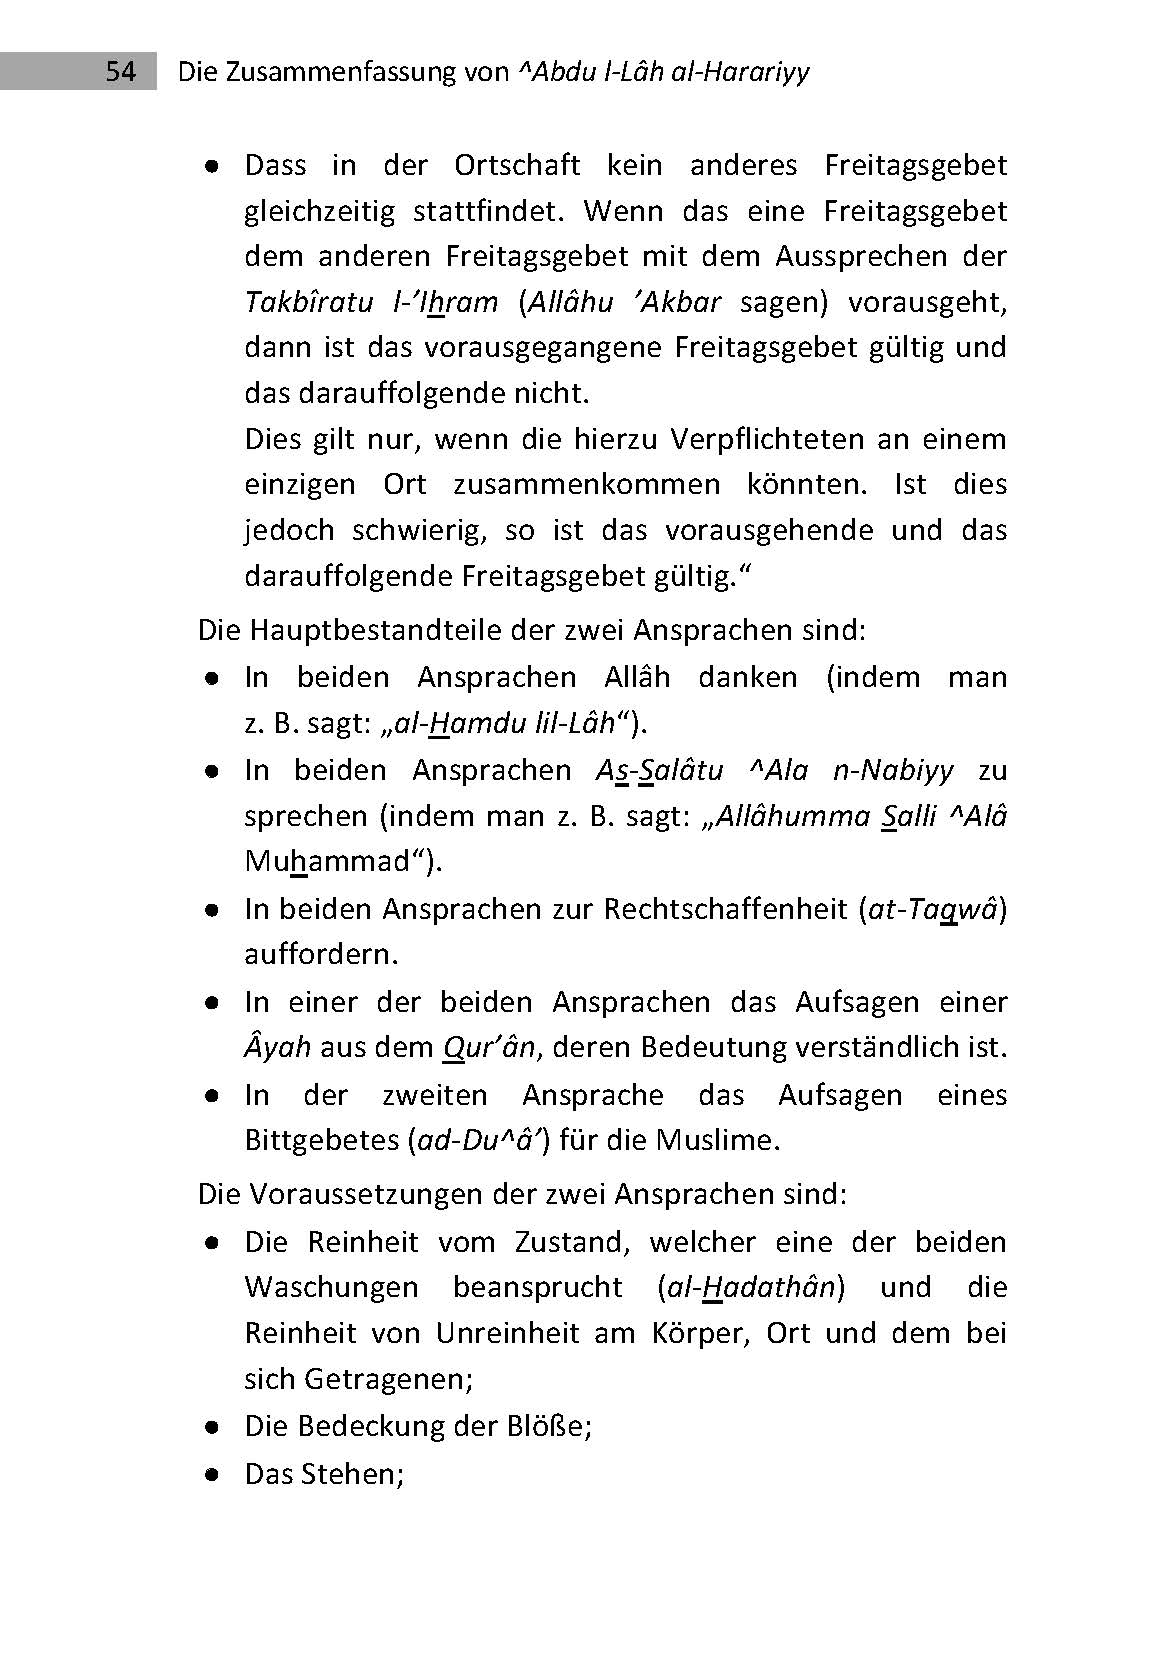 Die Zusammenfassung - 3. Auflage 2014_Seite_54